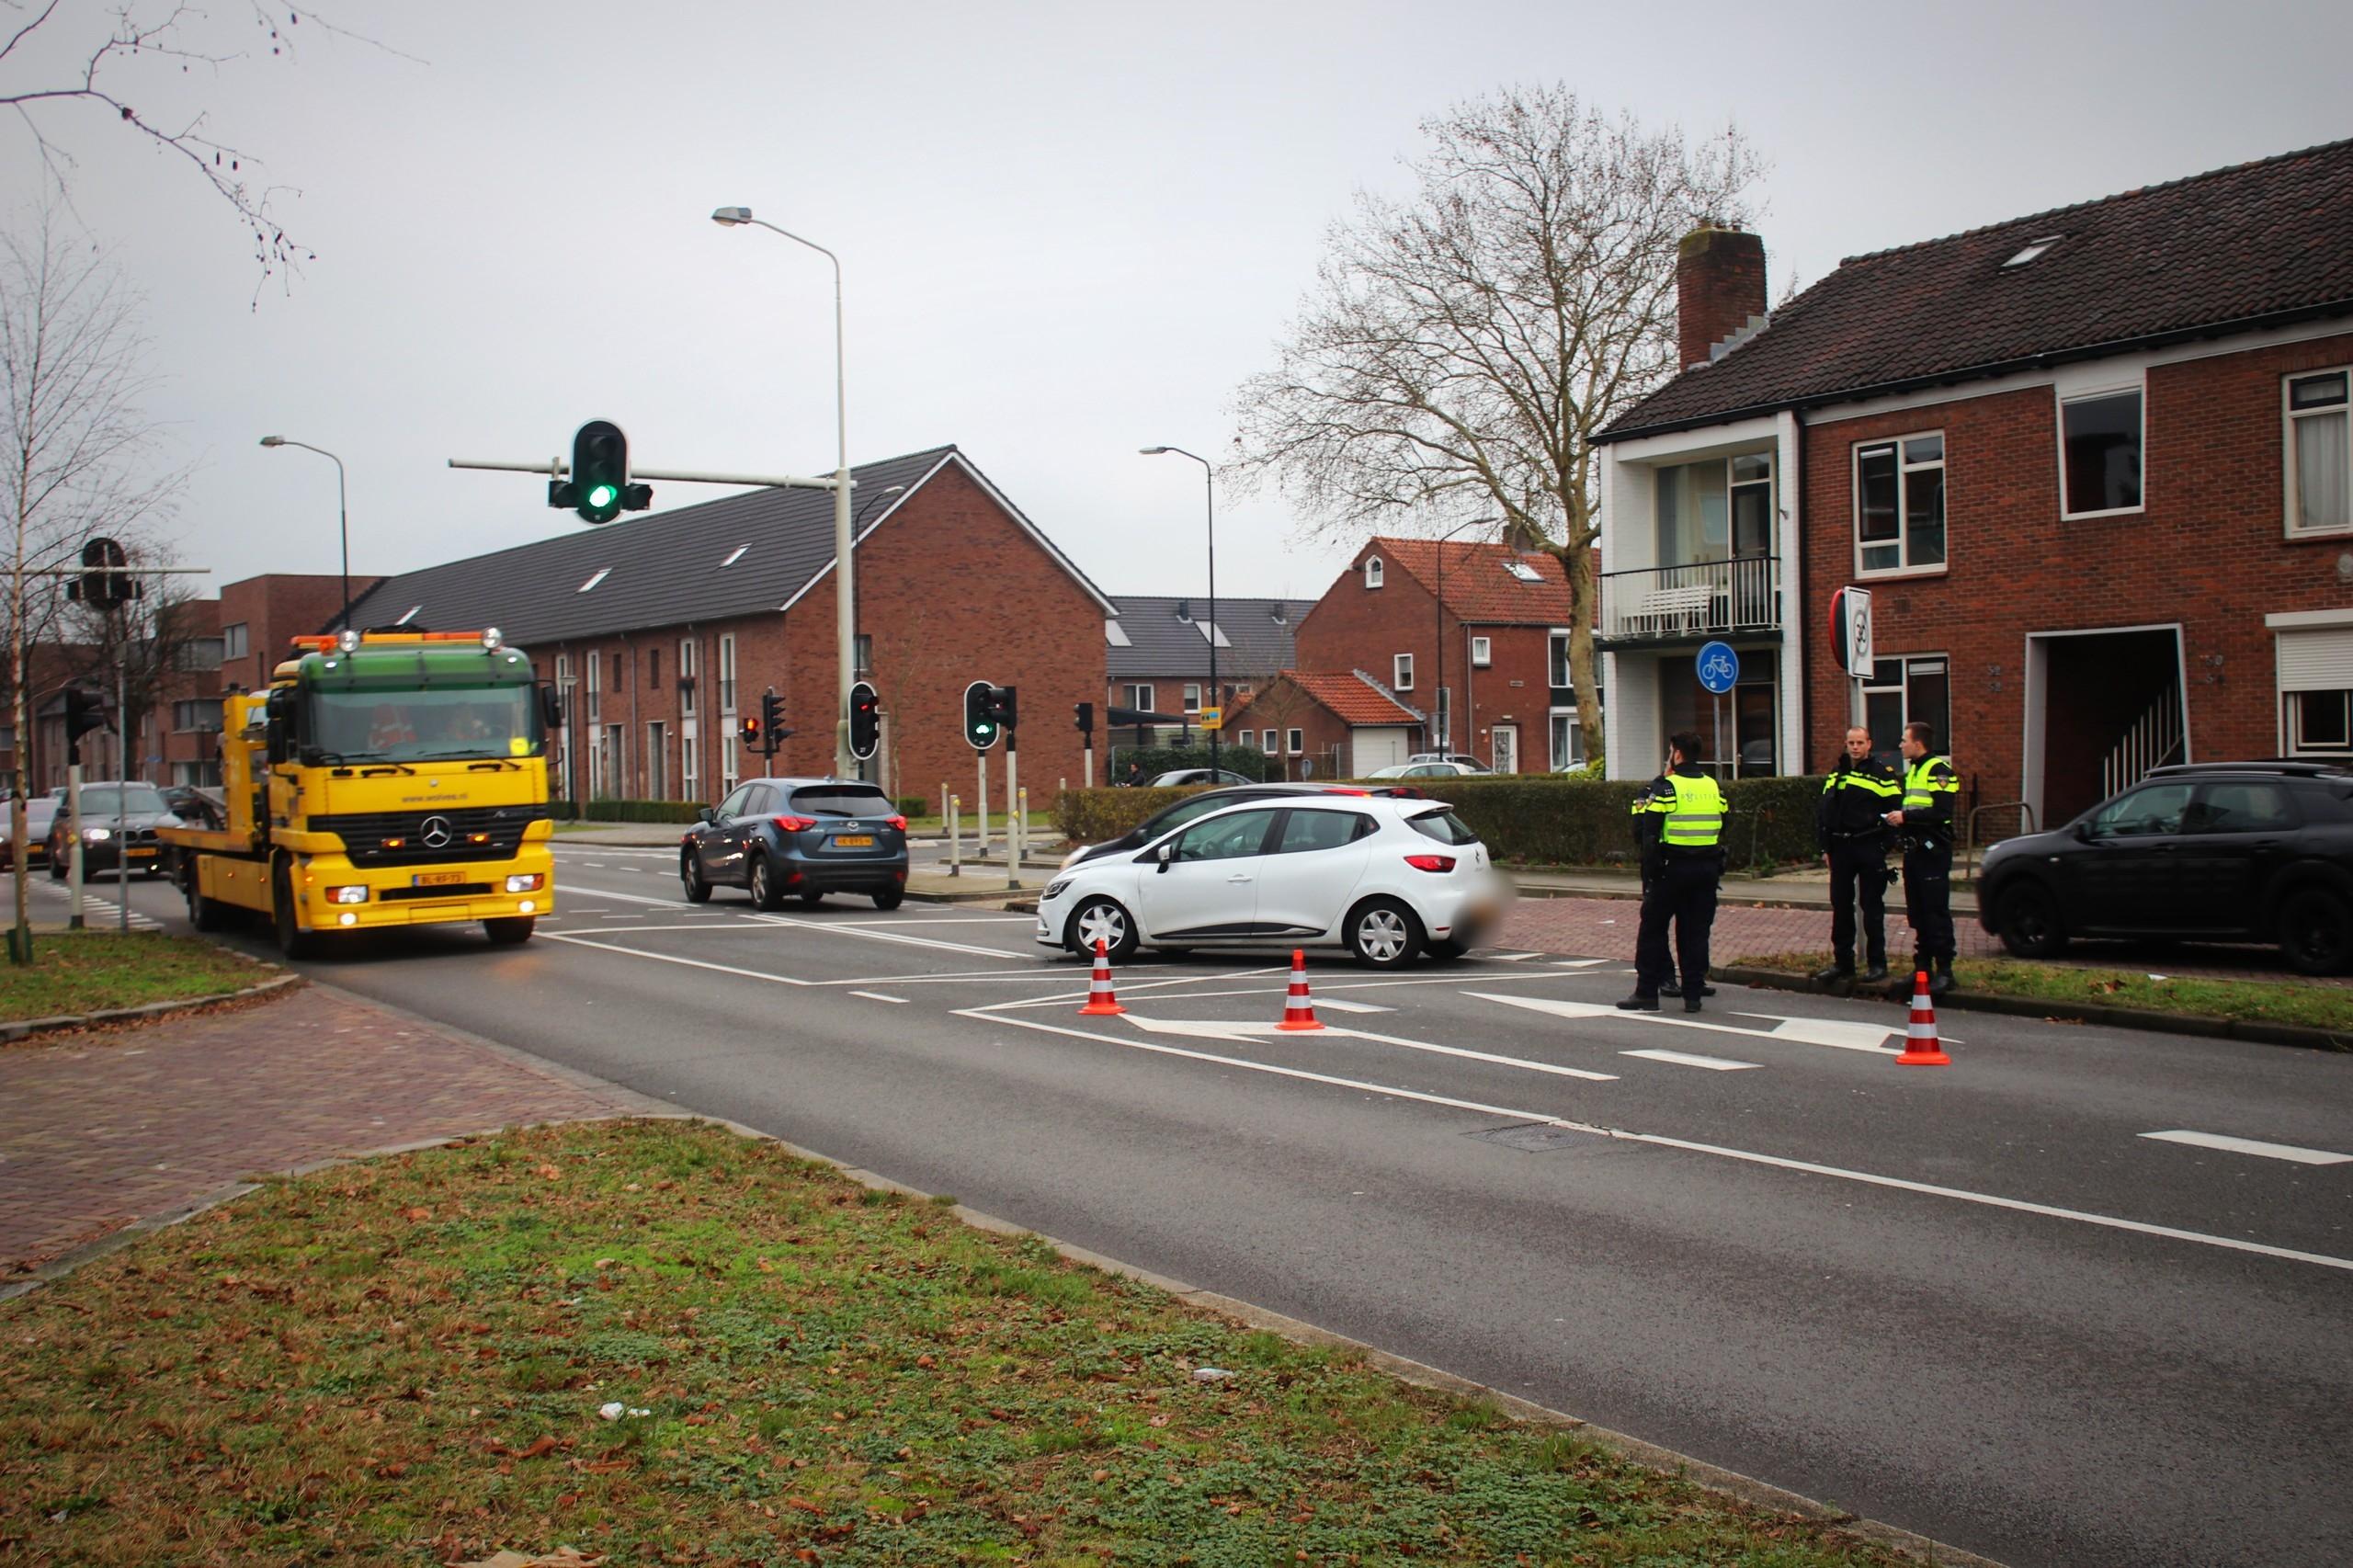 Politieauto betrokken bij ongeval in Apeldoorn